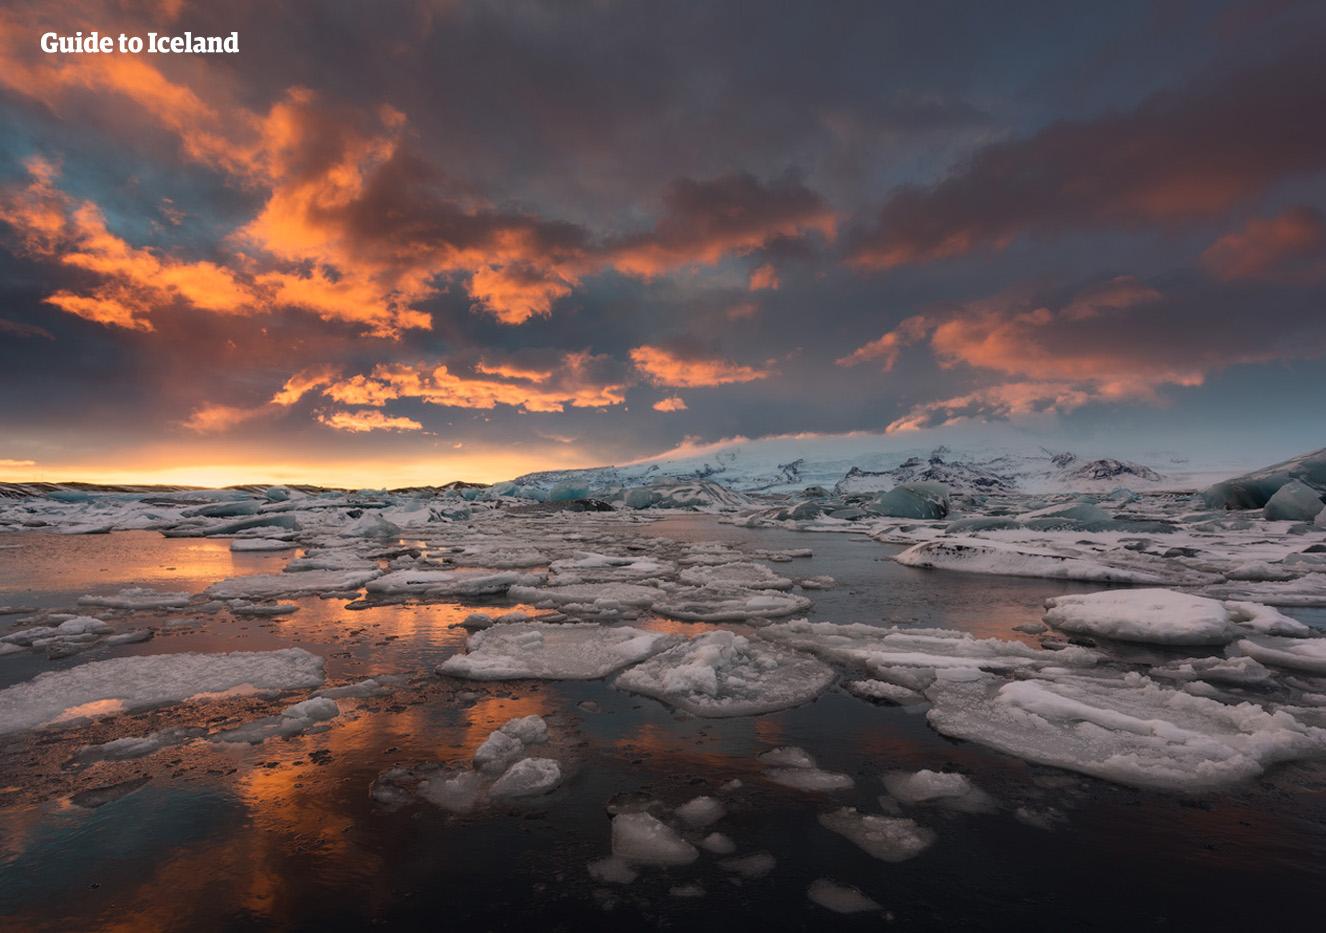 """La lagune glaciaire de Jökulsárlón est souvent qualifiée de """"joyau de la nature islandaise""""."""